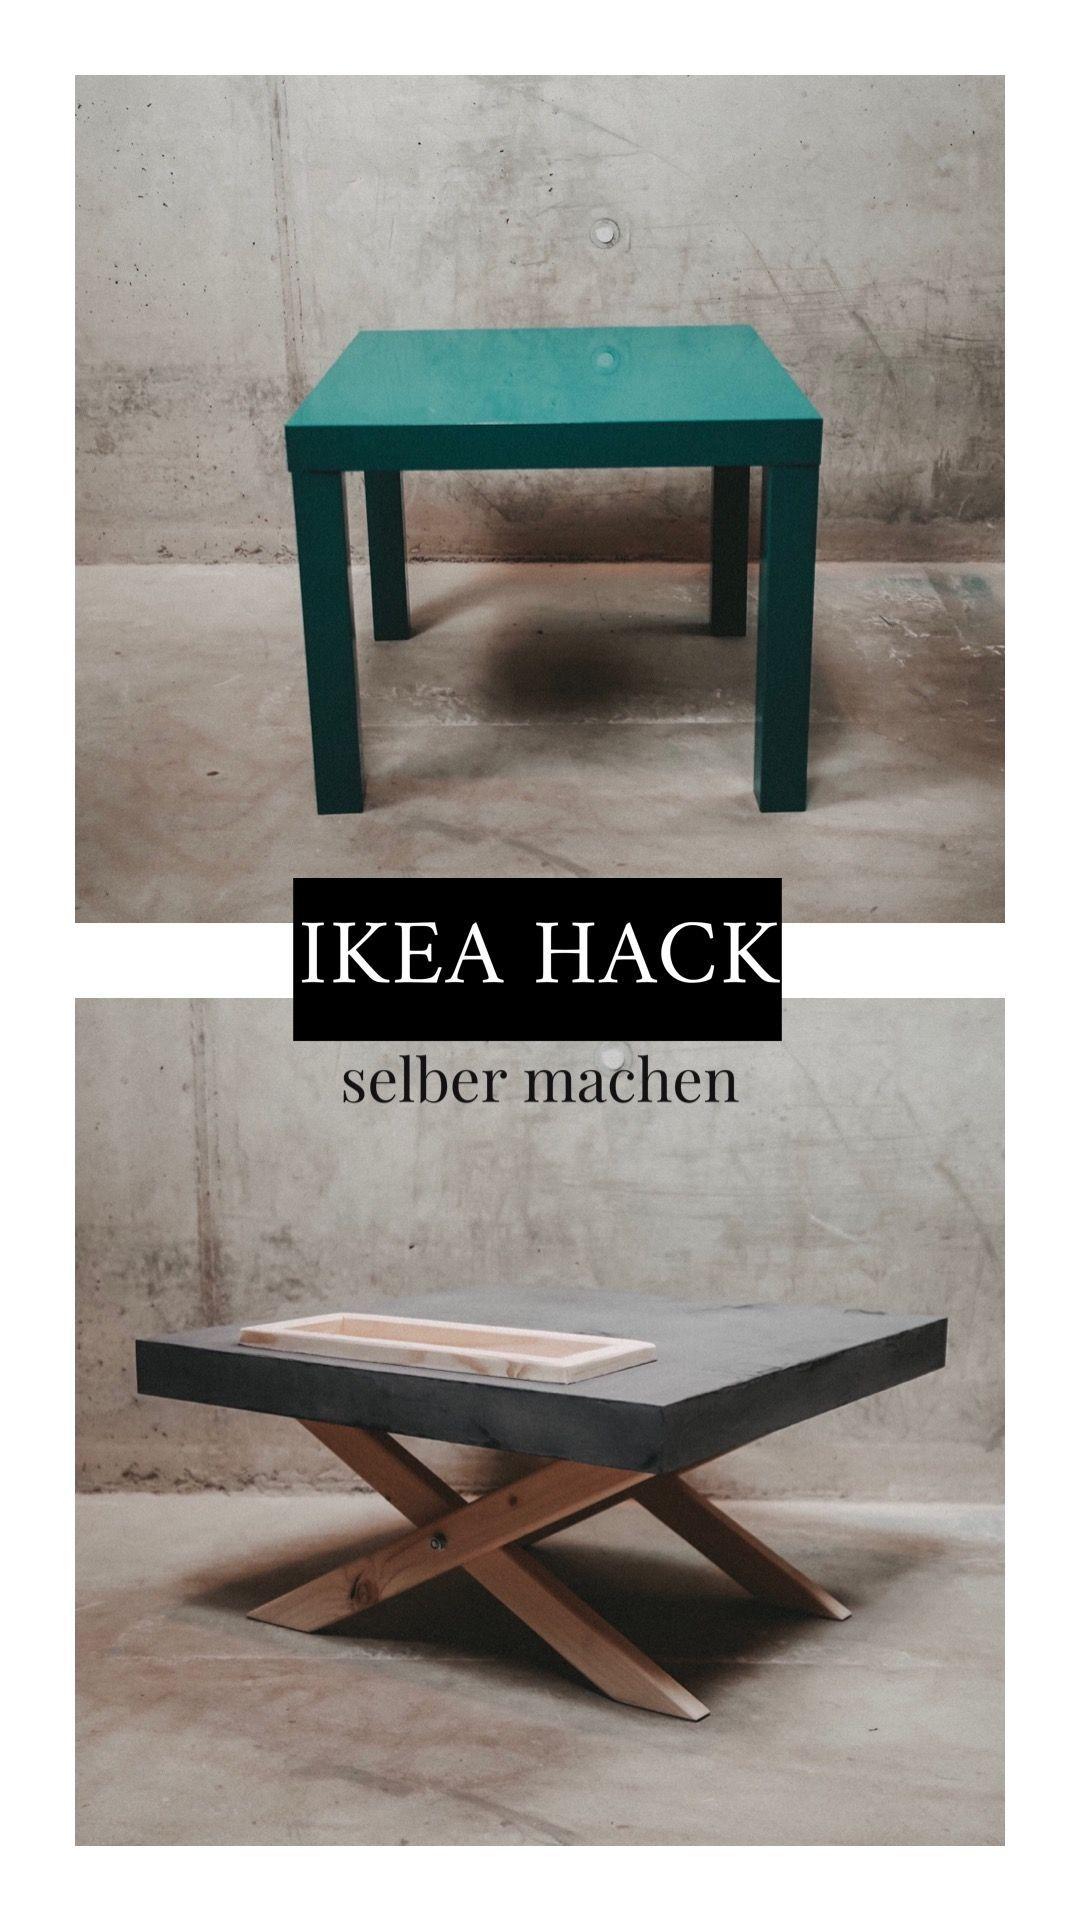 IKEA LACK TISCH HACK upcycling zum beton Tisch Ikea Lack